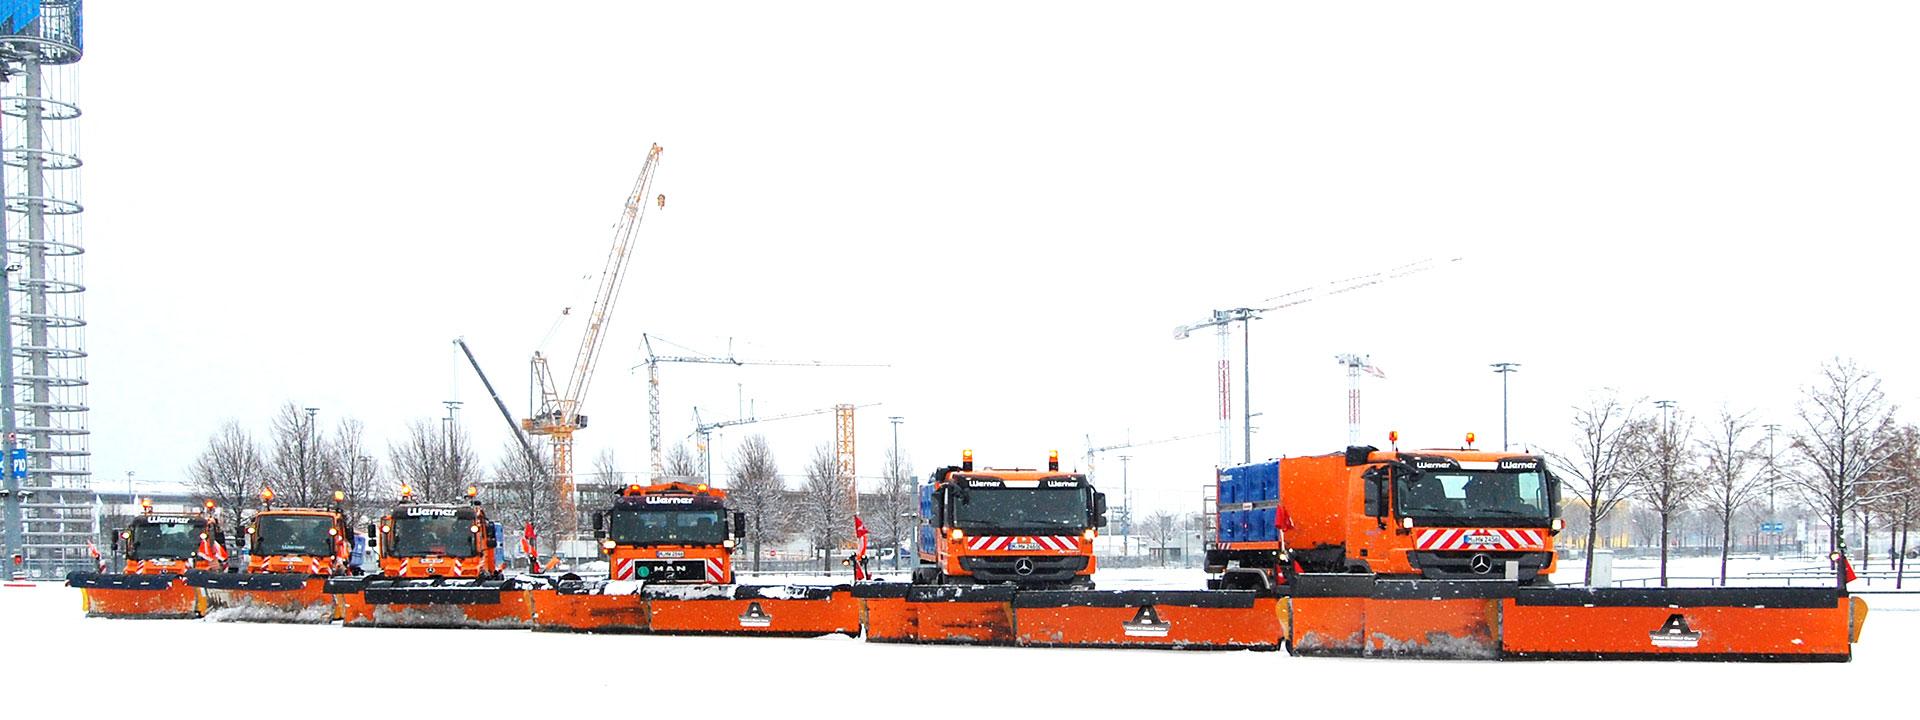 Winterdienst - Werner